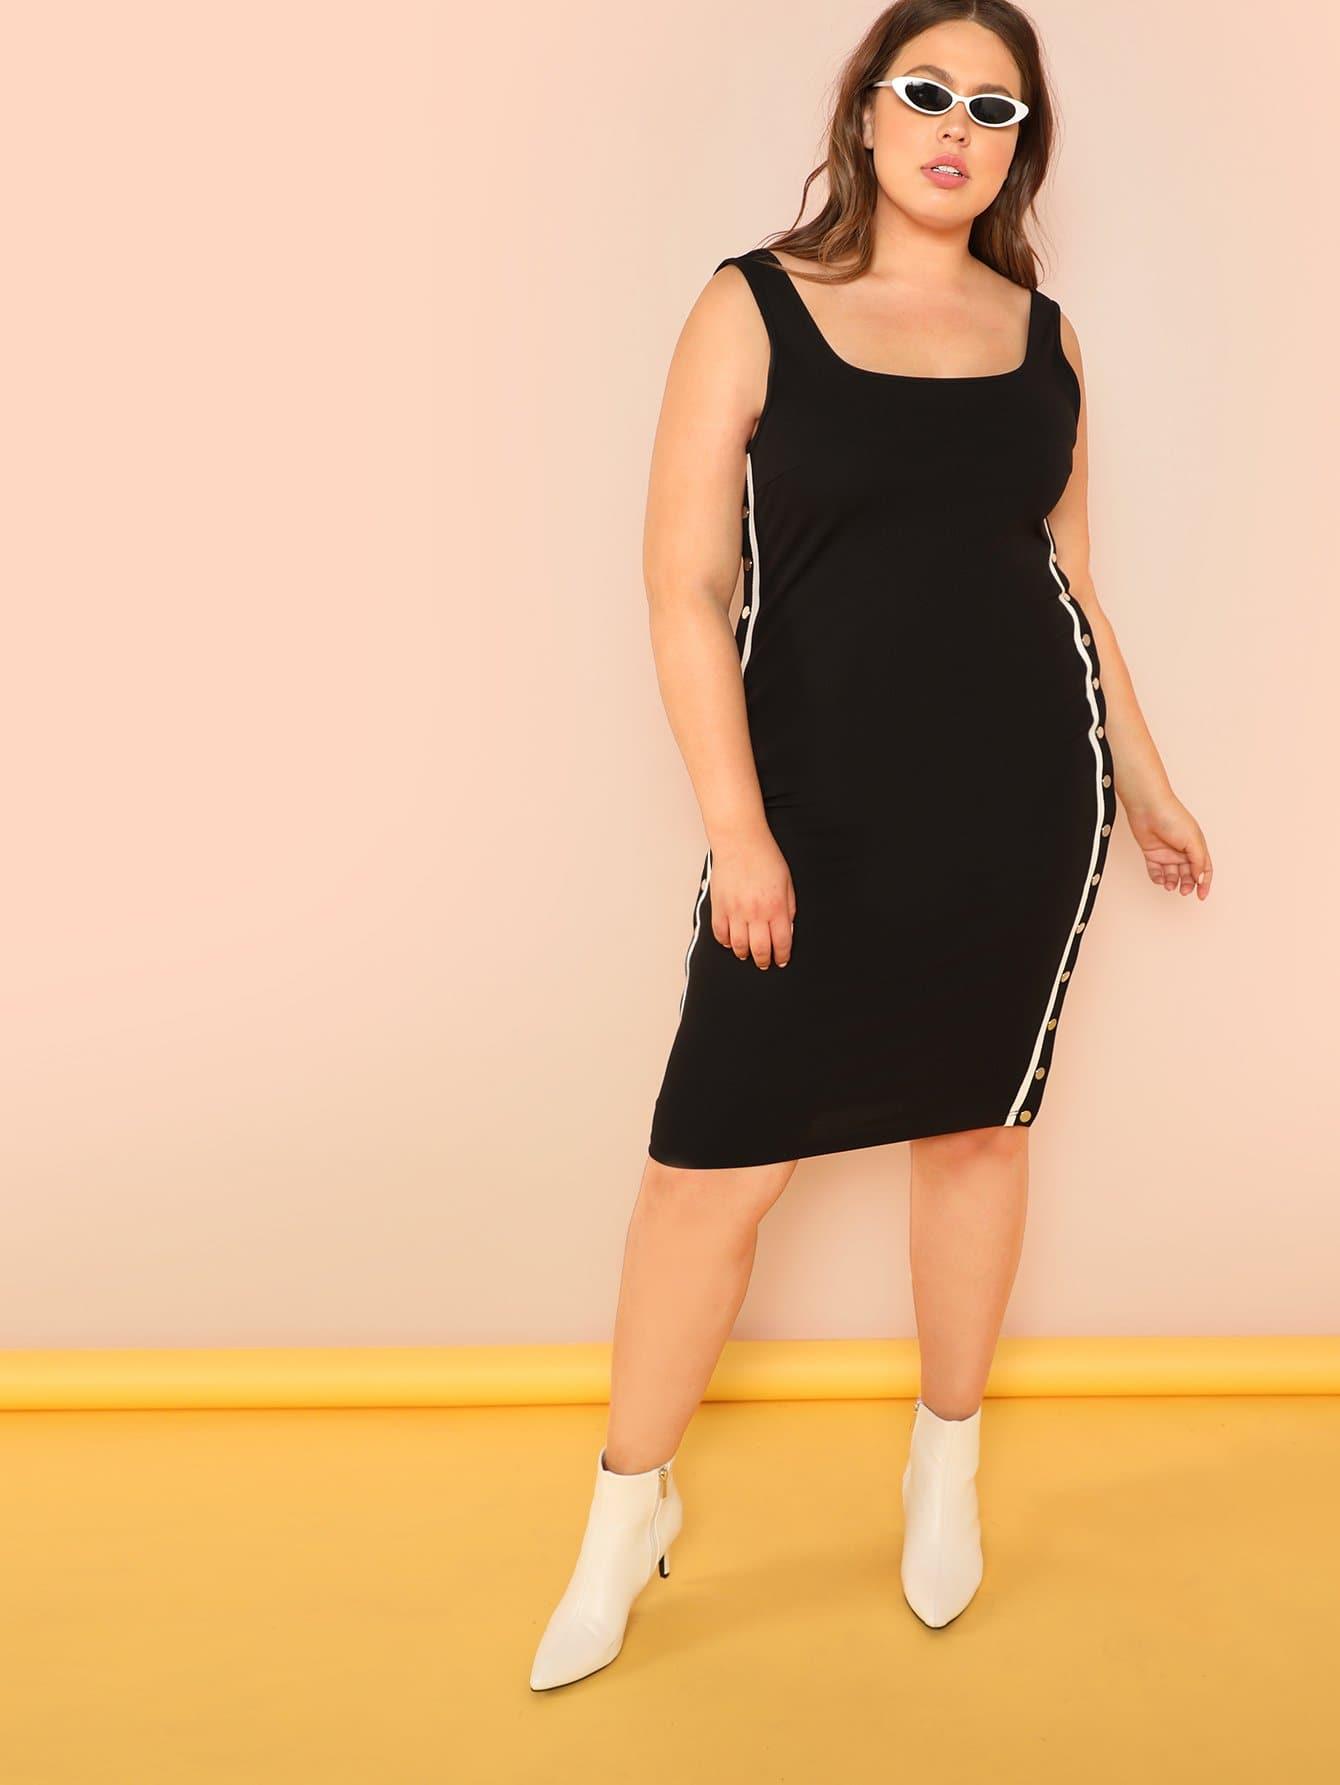 bd6586a39 فستان السهر الخط الزر الأسود فساتين كبيرة الحجم | شي إن